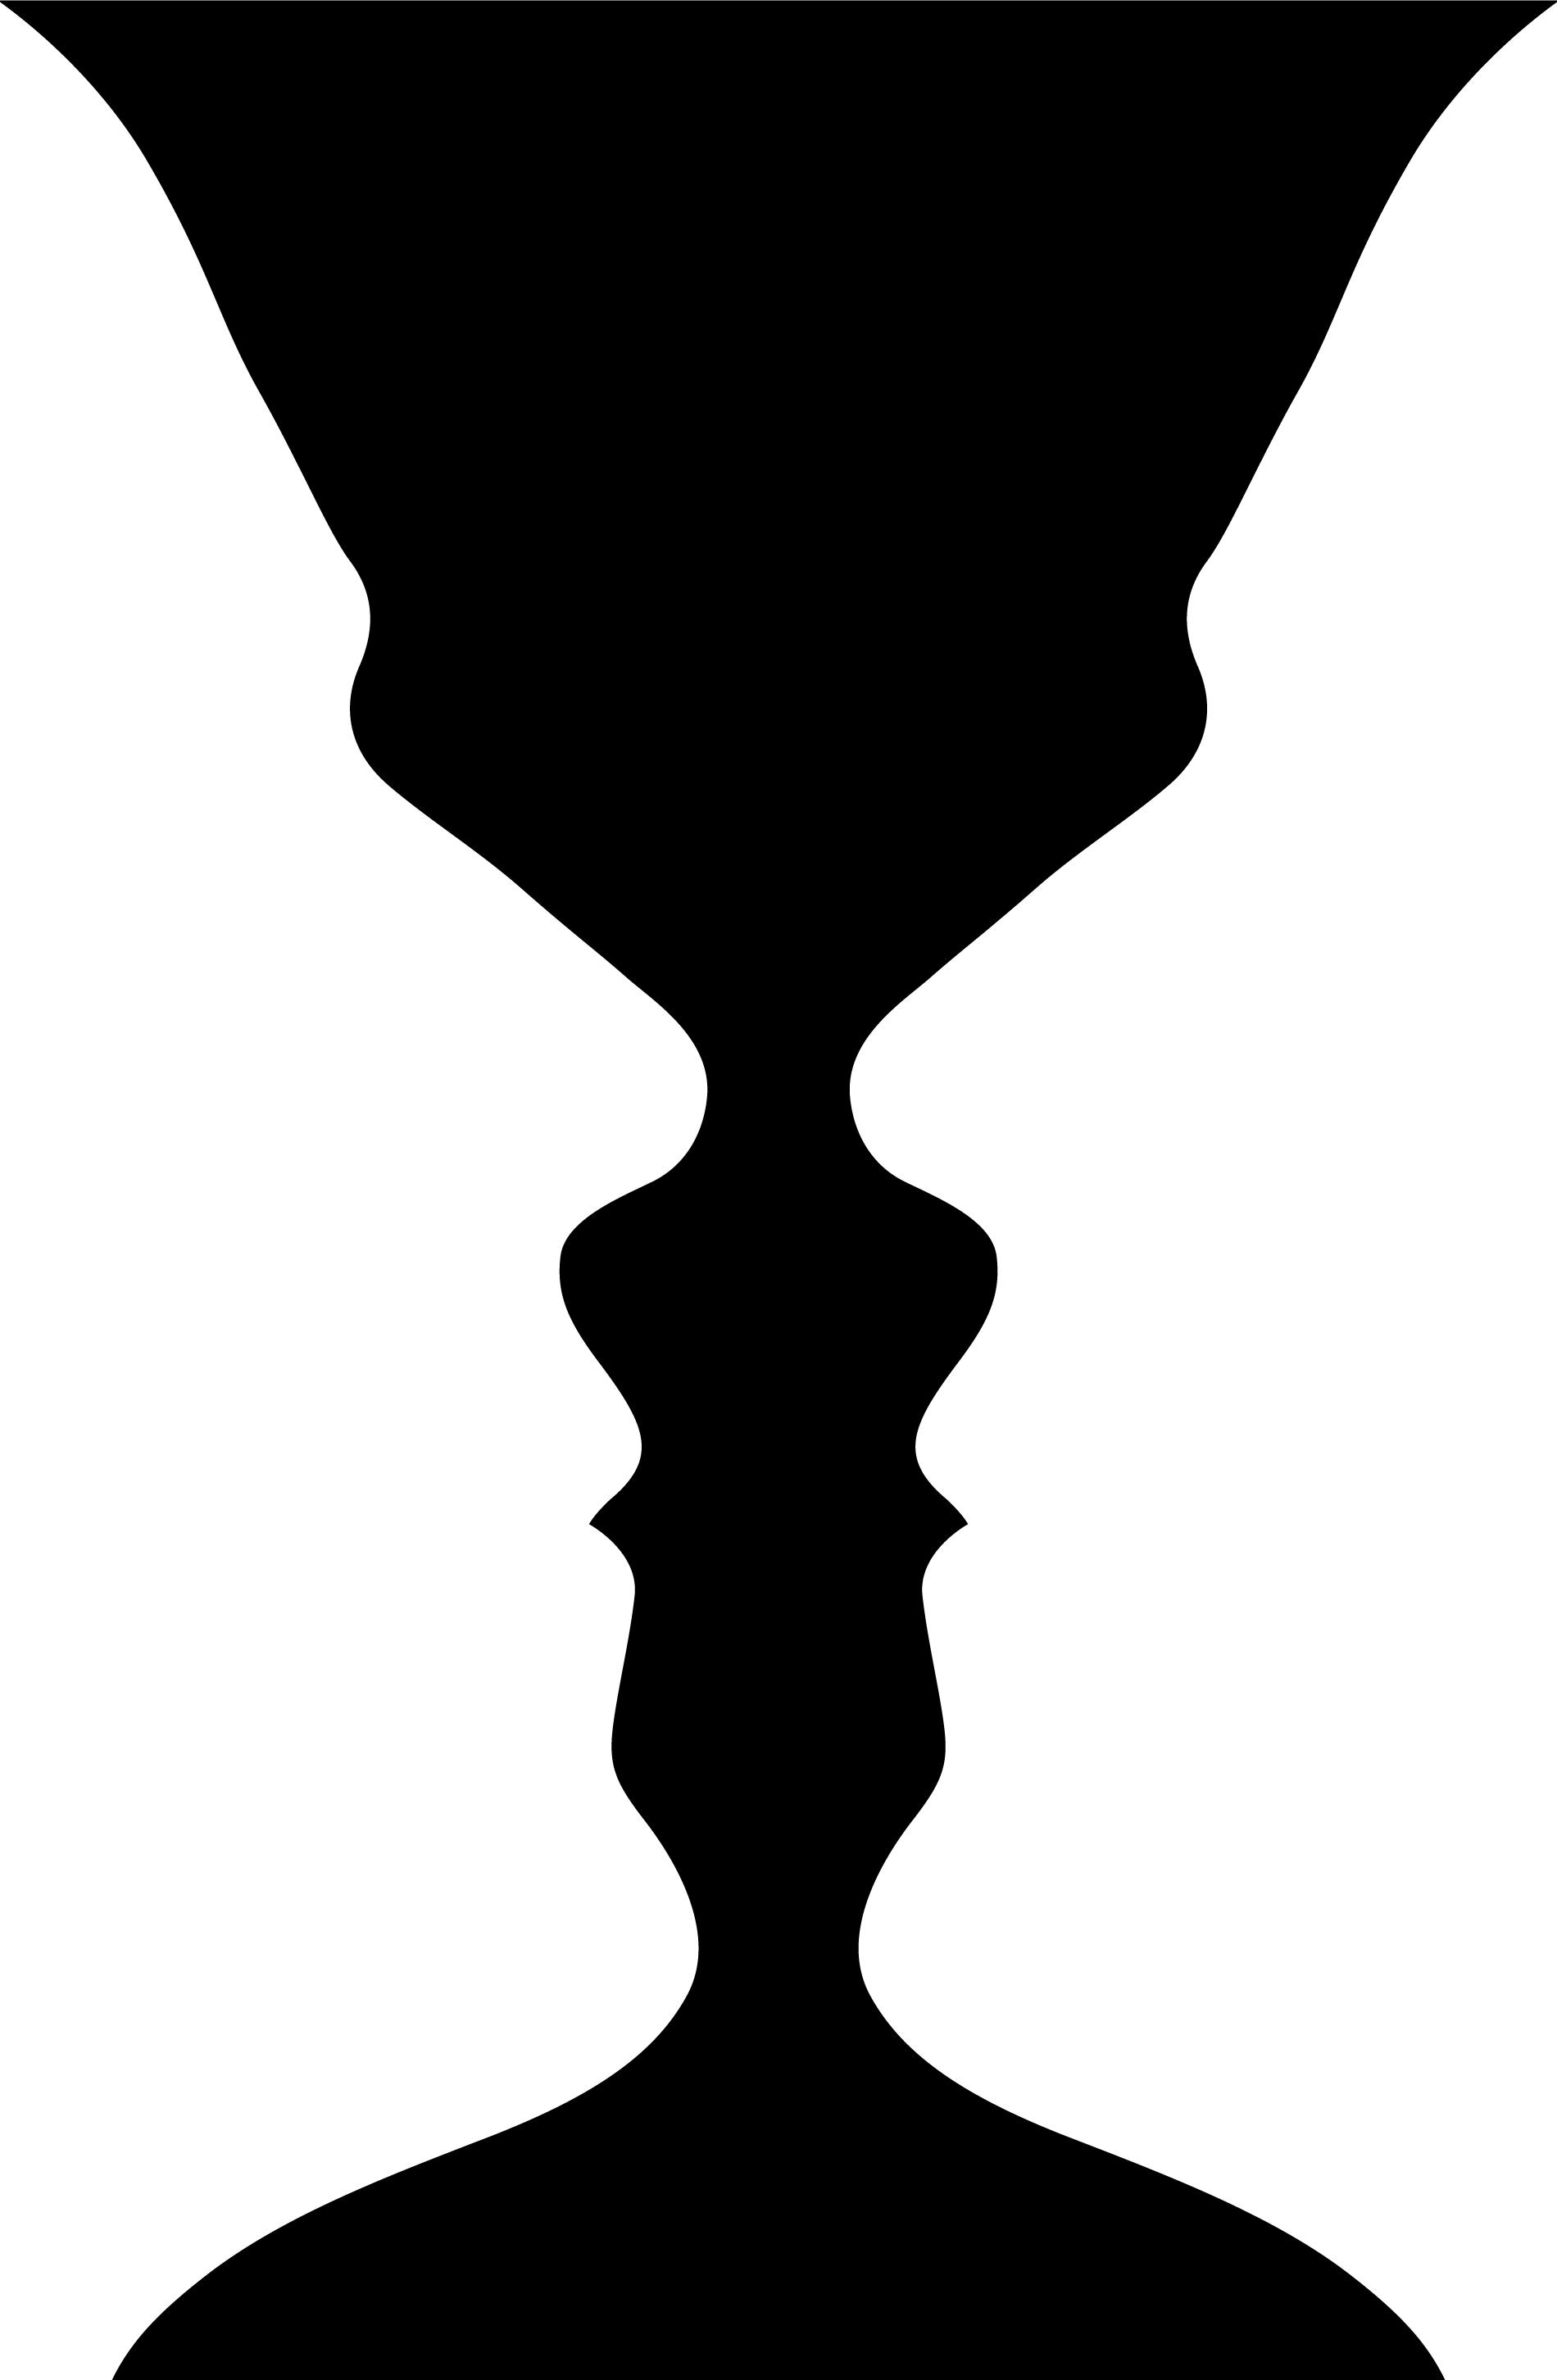 Ilusão de ótica: Um vaso ou dois rostos? (foto: Reprodução)